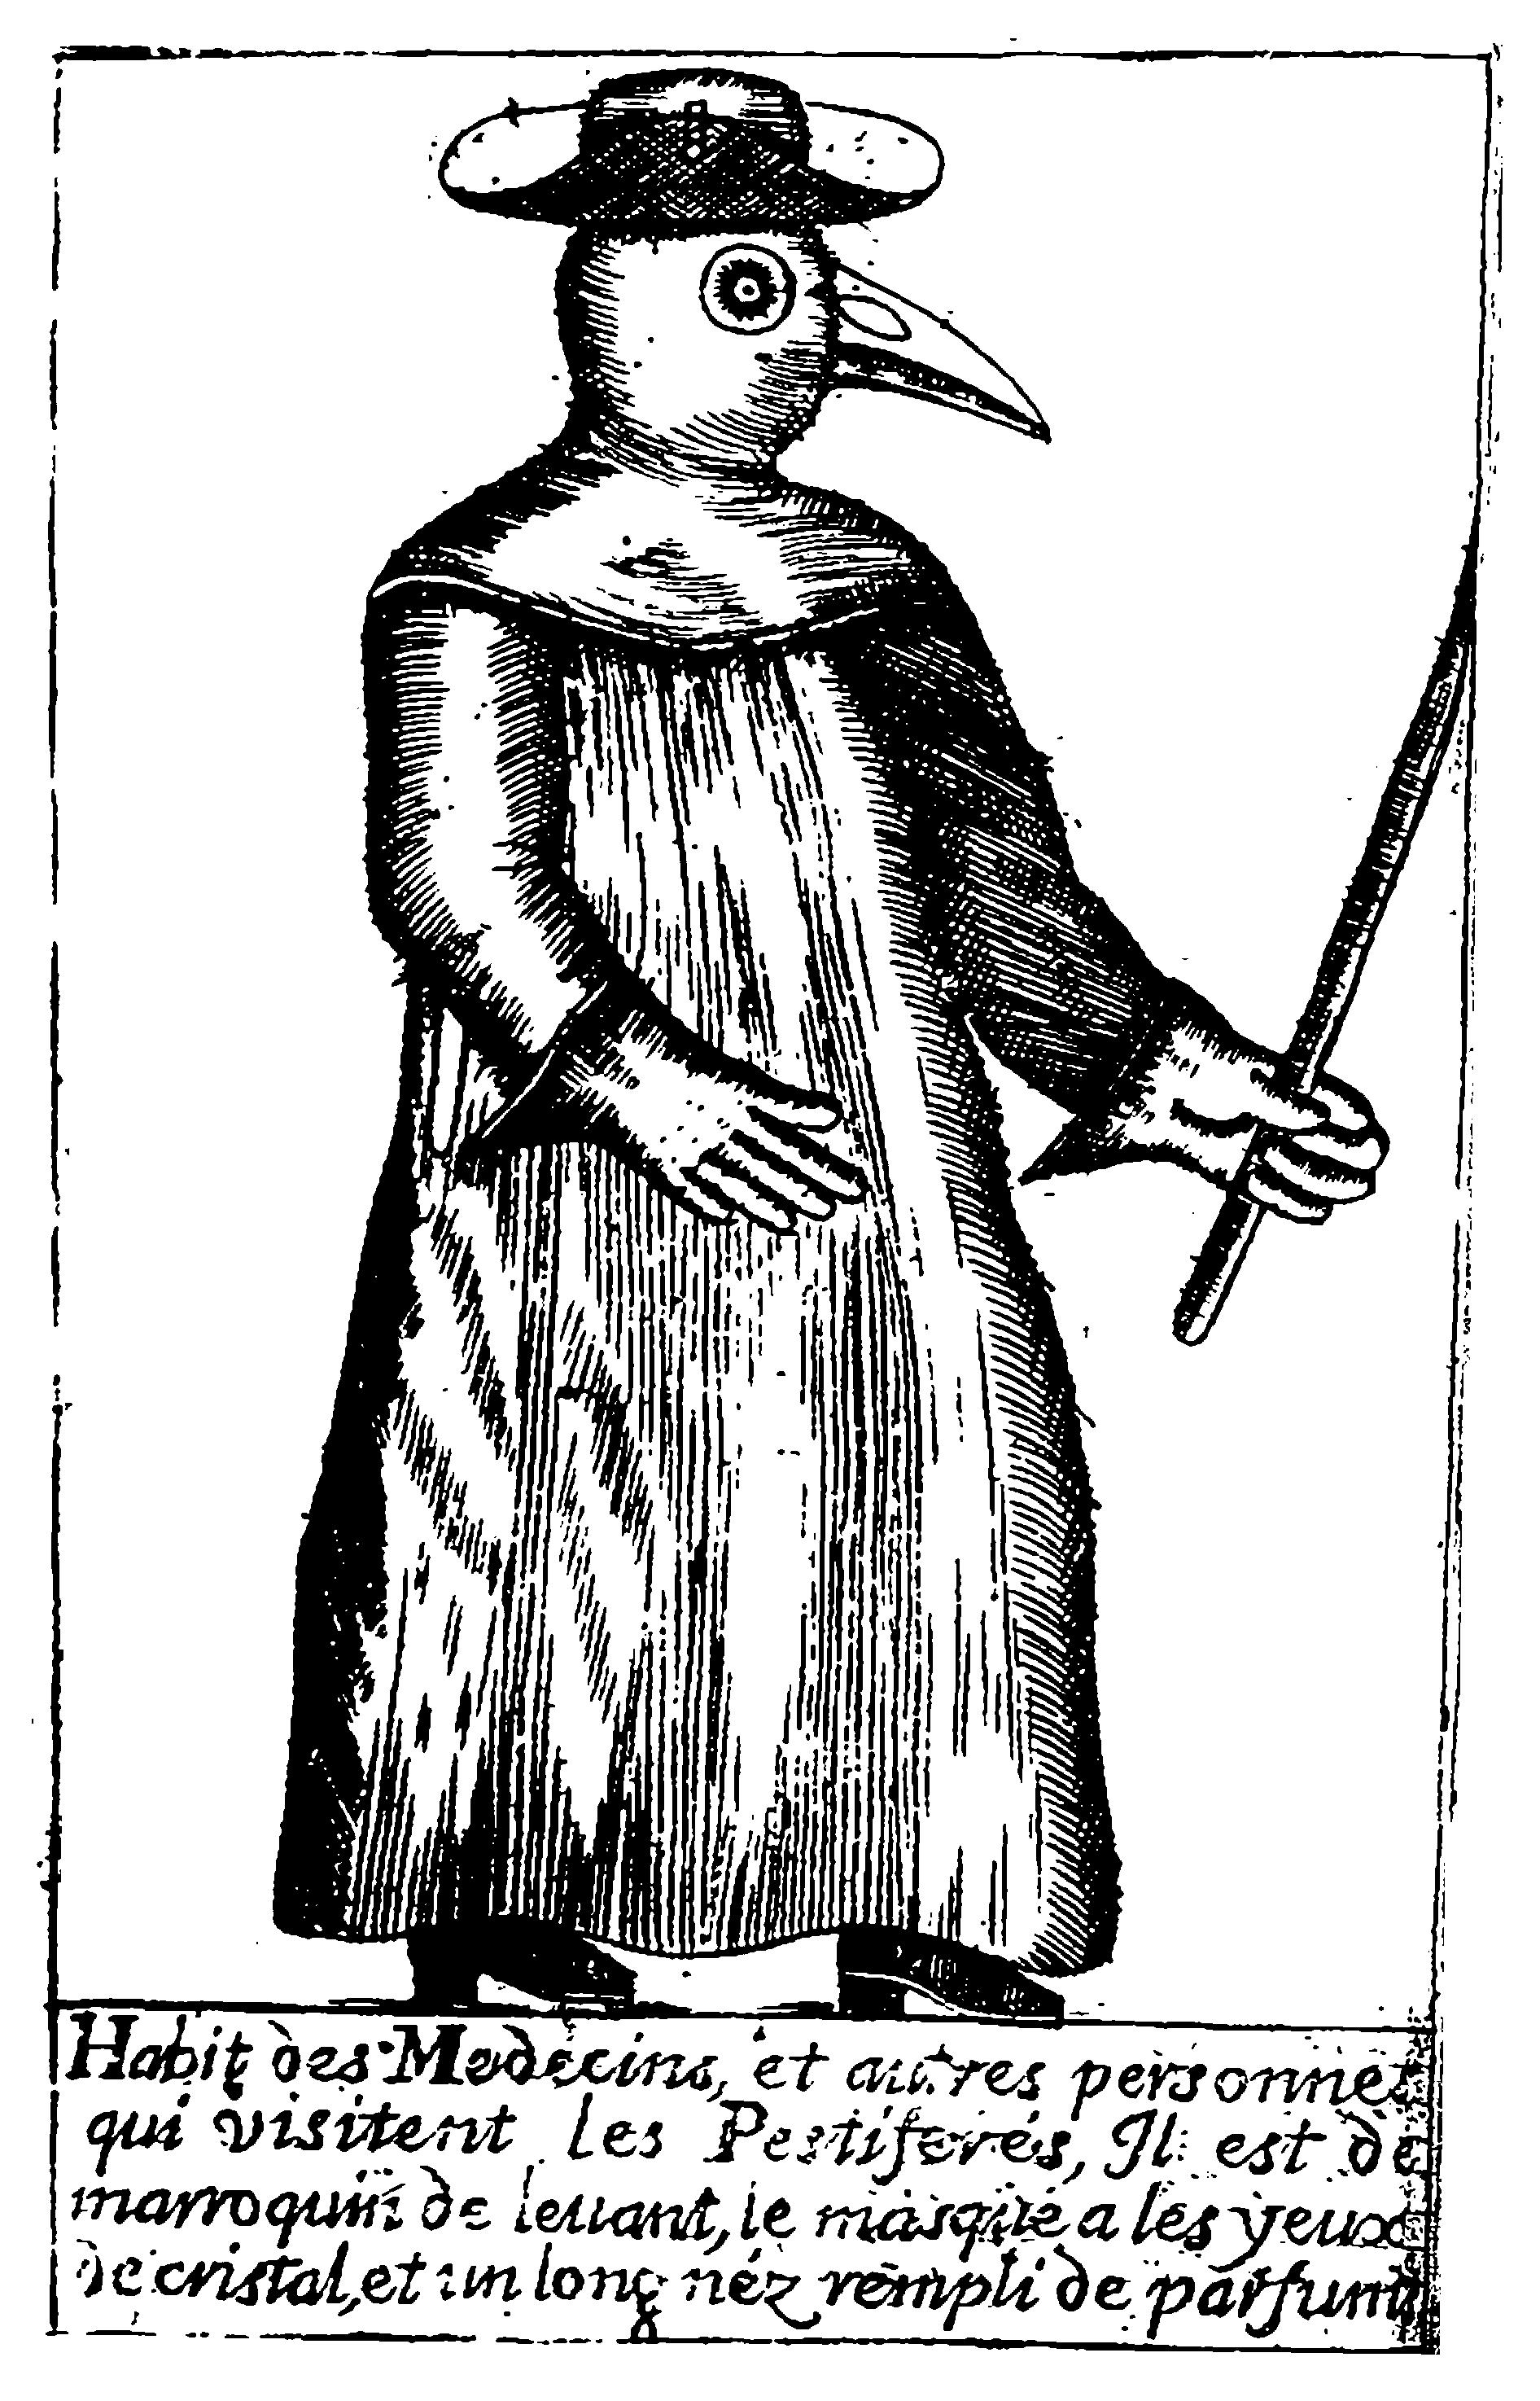 A Plague Doctor – from Jean-Jacques Manget, Traité de la peste (1721)